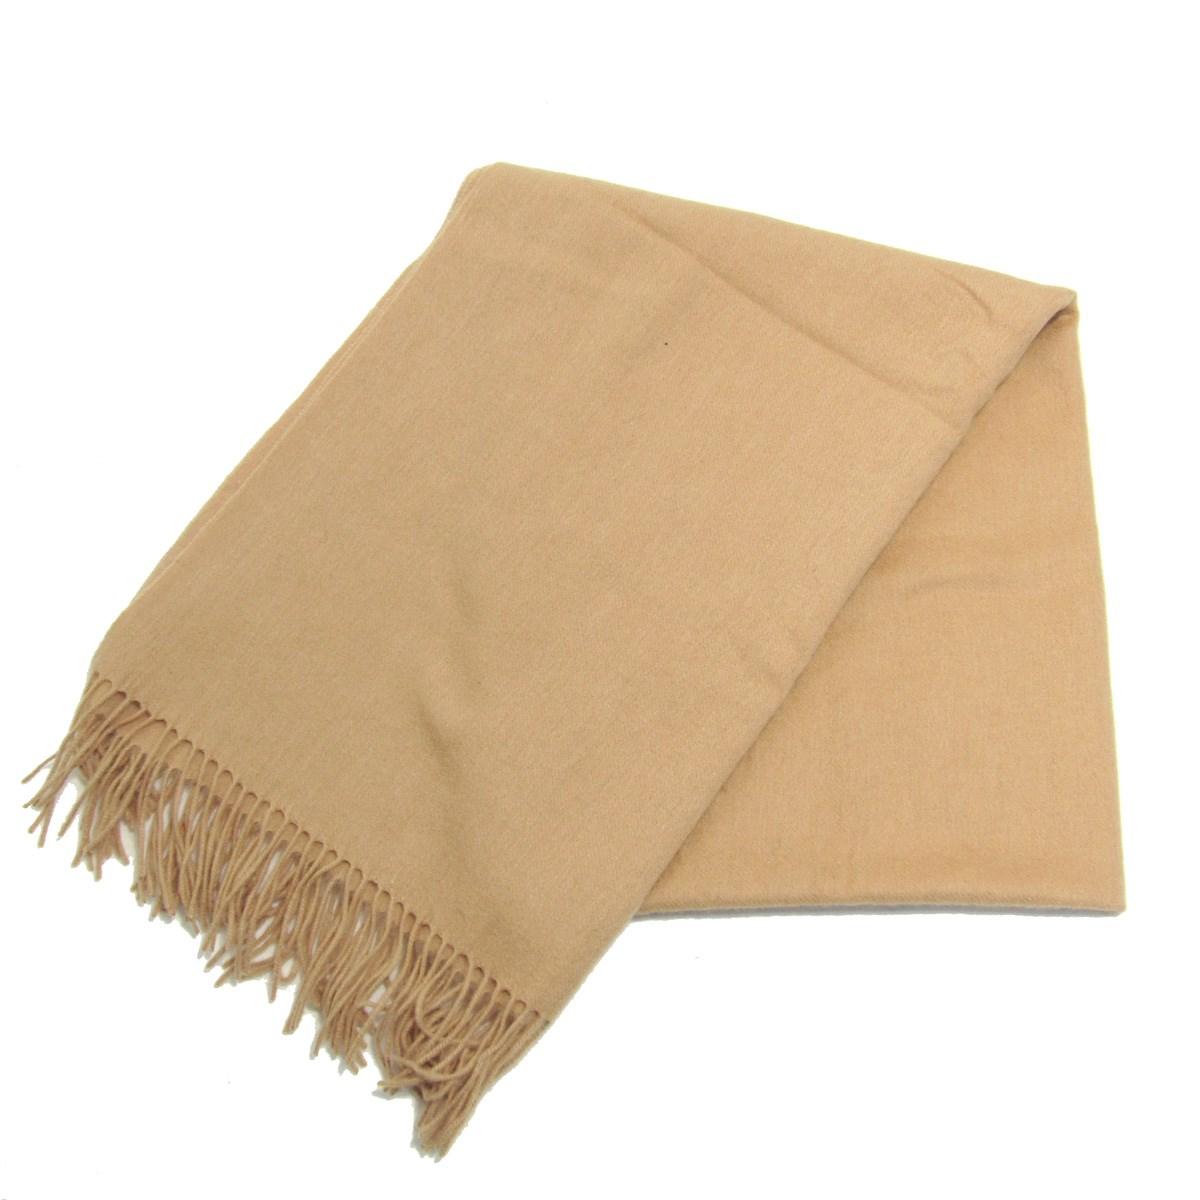 【中古】ACNE STUDIOS Virgin Wool フリンジマフラー スカーフ ベージュ サイズ:70×200 【220120】(アクネストゥディオズ)